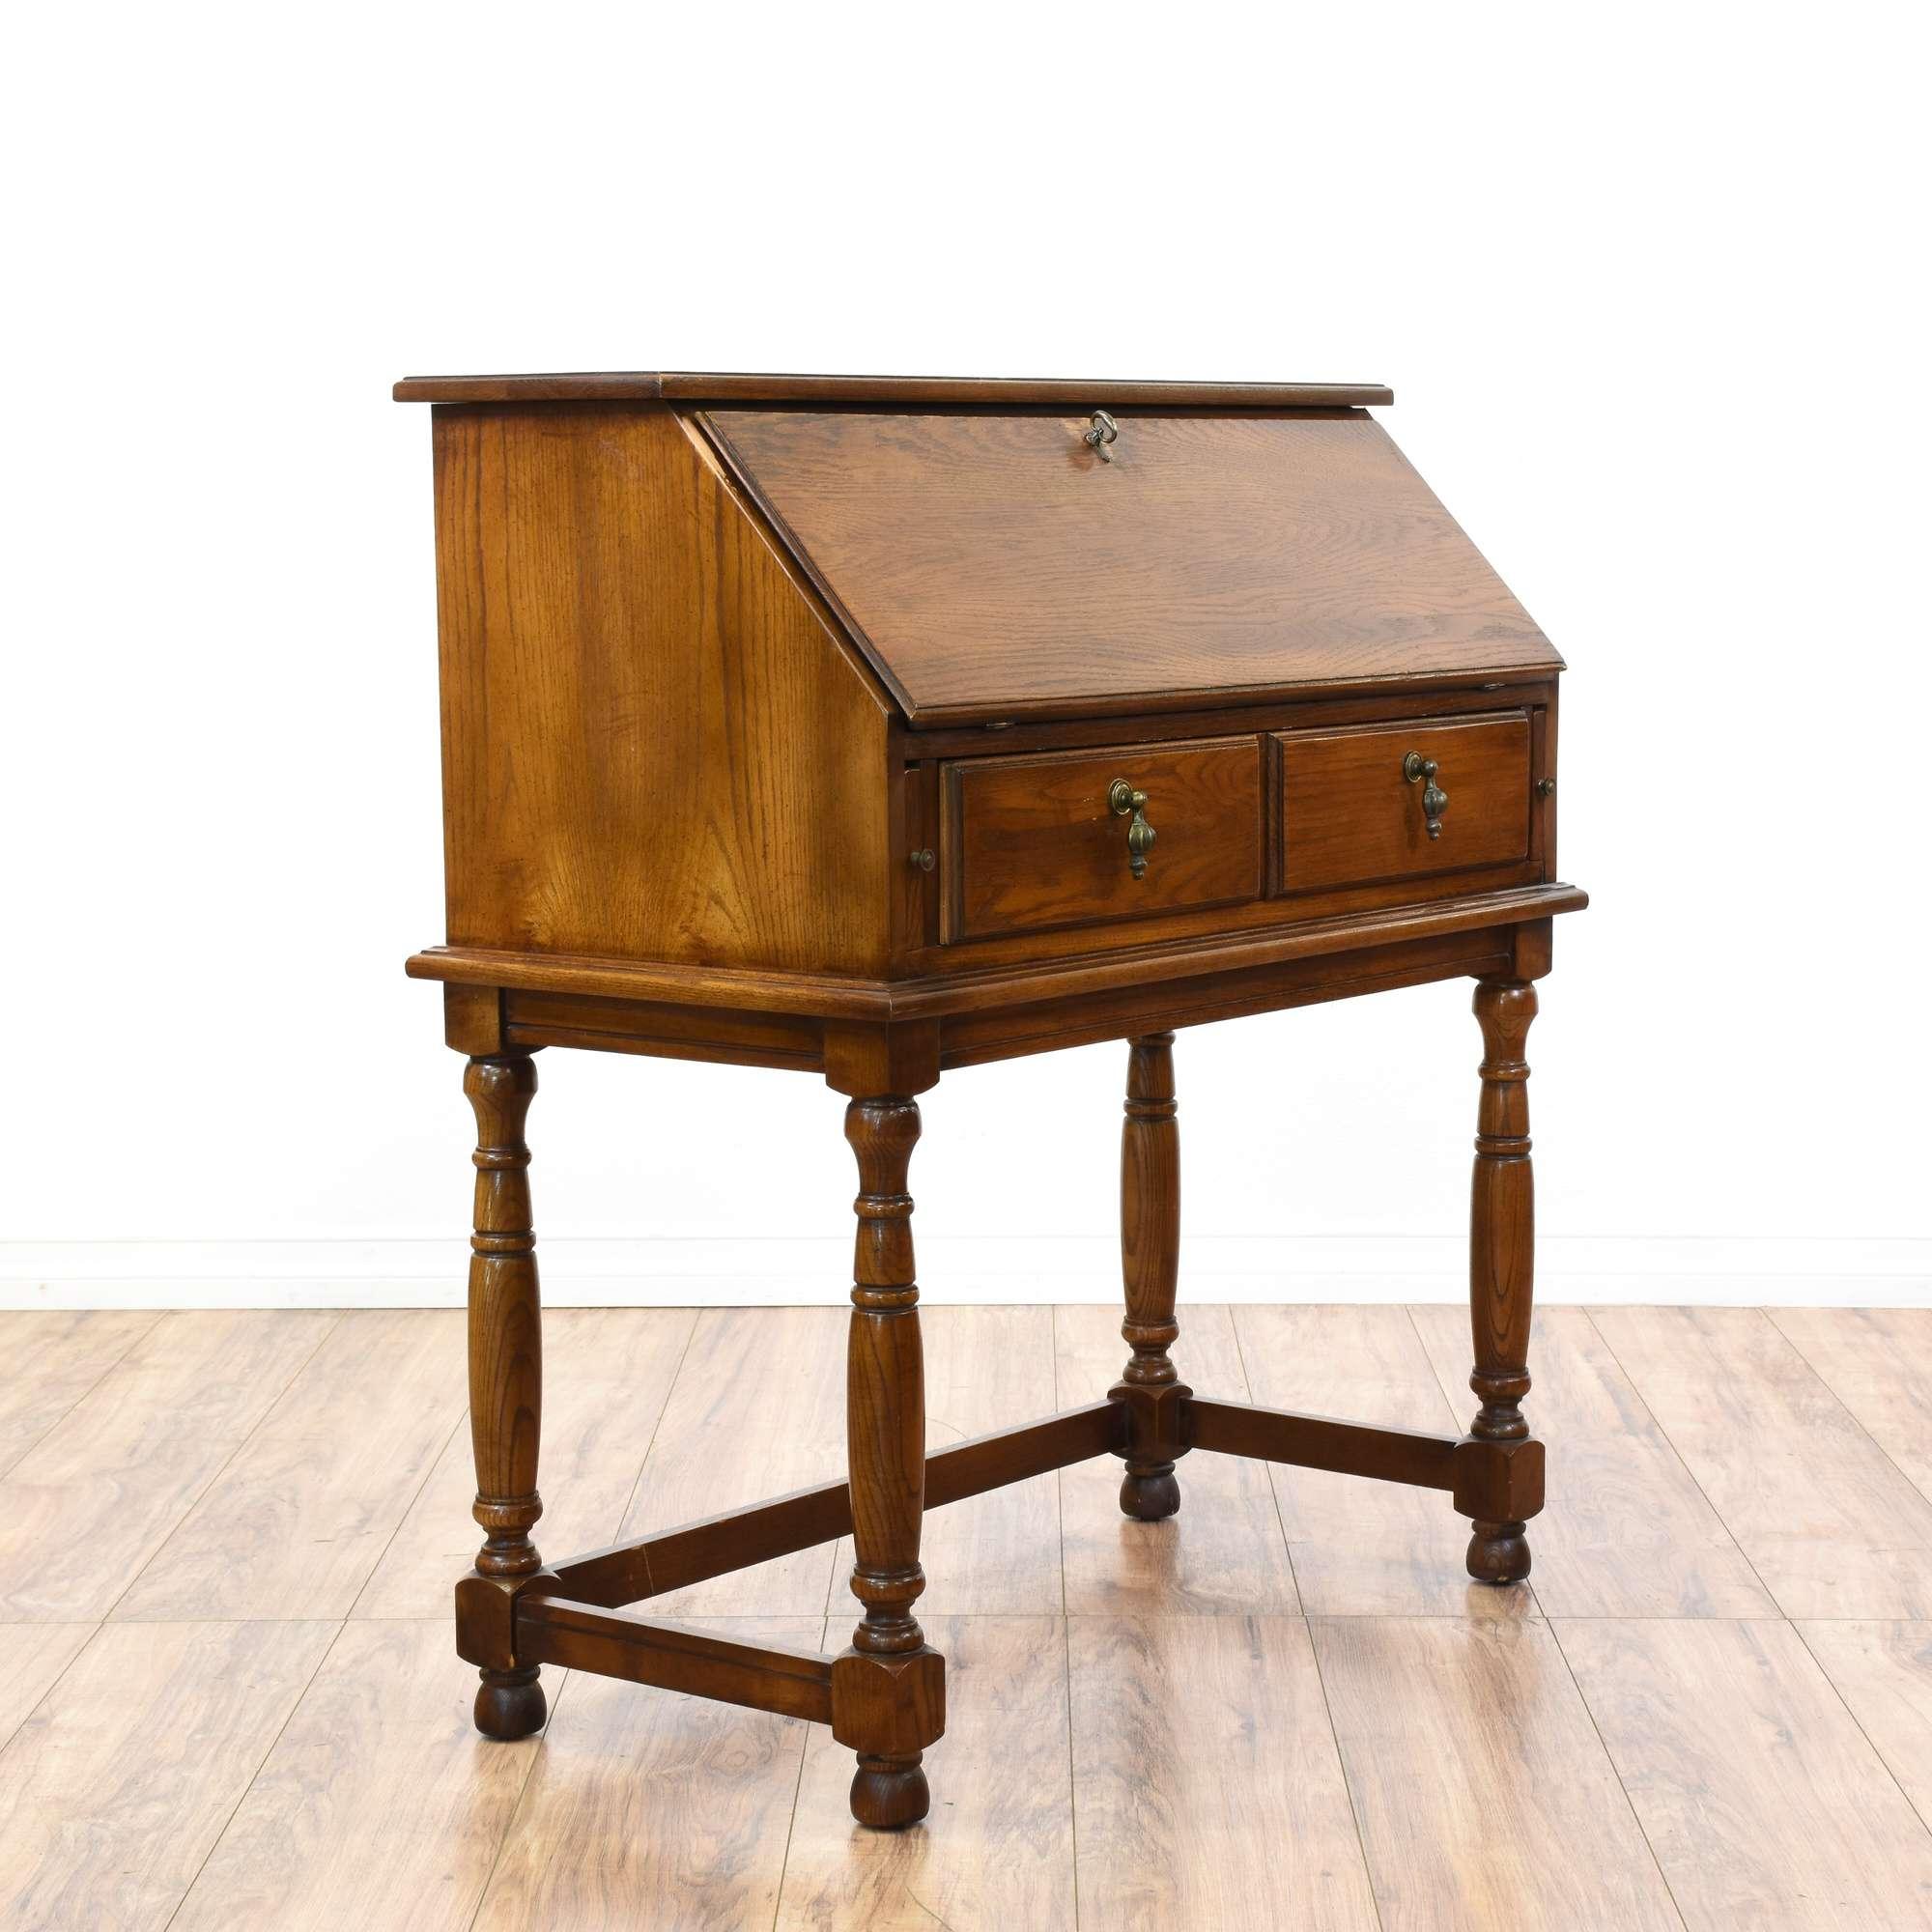 vintage i los furniture slant angeles front loveseat edwardian desk secretary